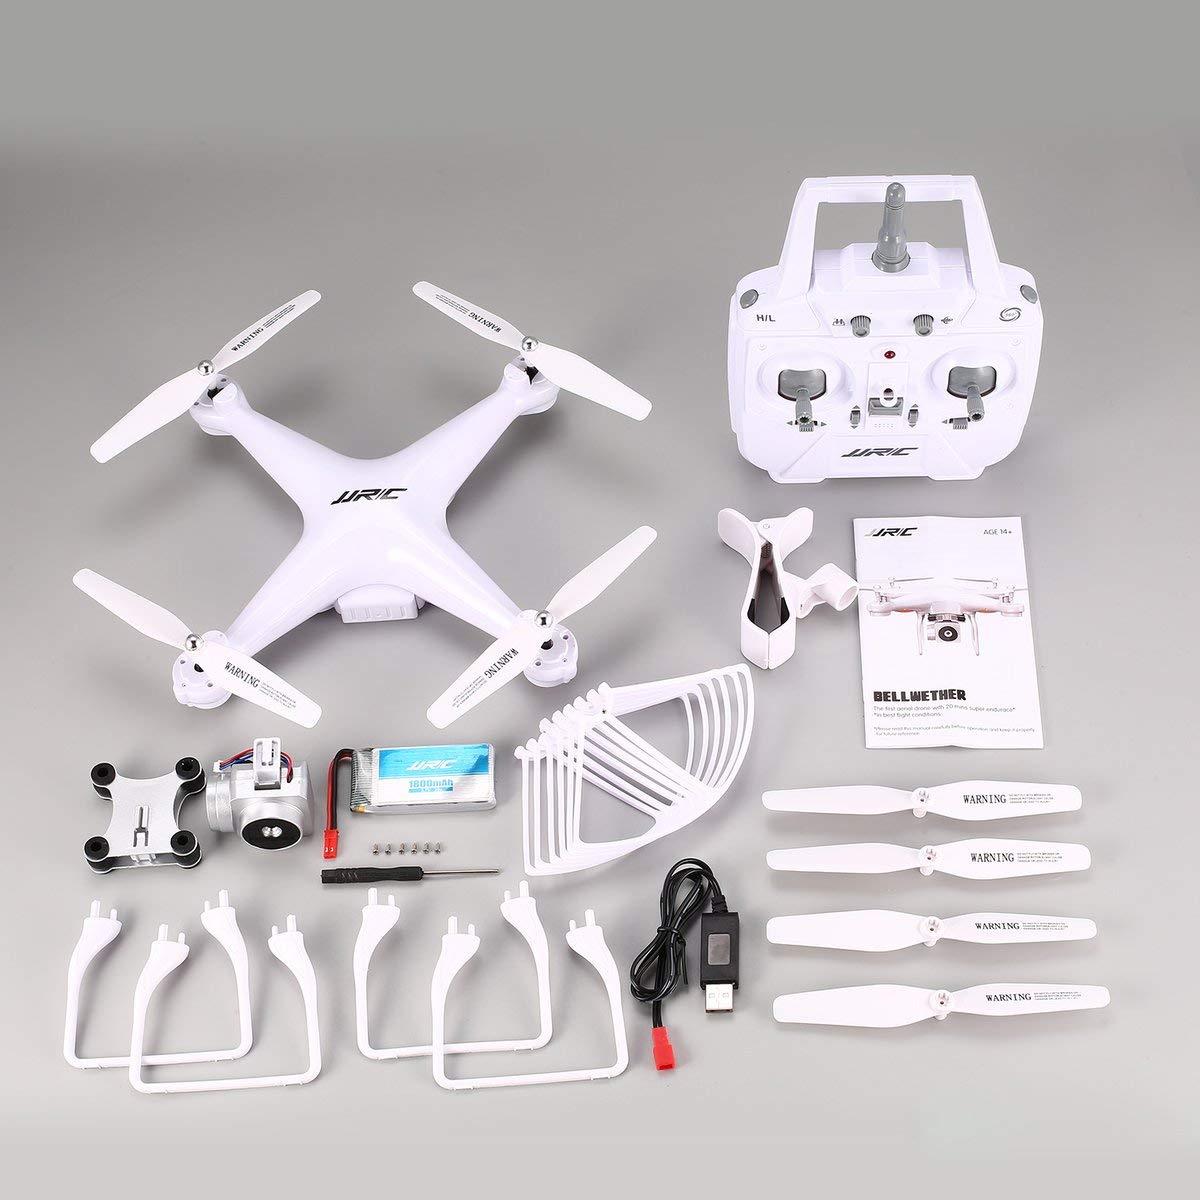 Gugutogo JJR/C H68 RC Aviones no tripulados 2.4G FPV RC Quadcopter Aviones no tripulados con la cámara HD 720P Altitud Hold sin Cabeza Modo Flip 3D-duración 20 Minutos de Vuelo Blanco